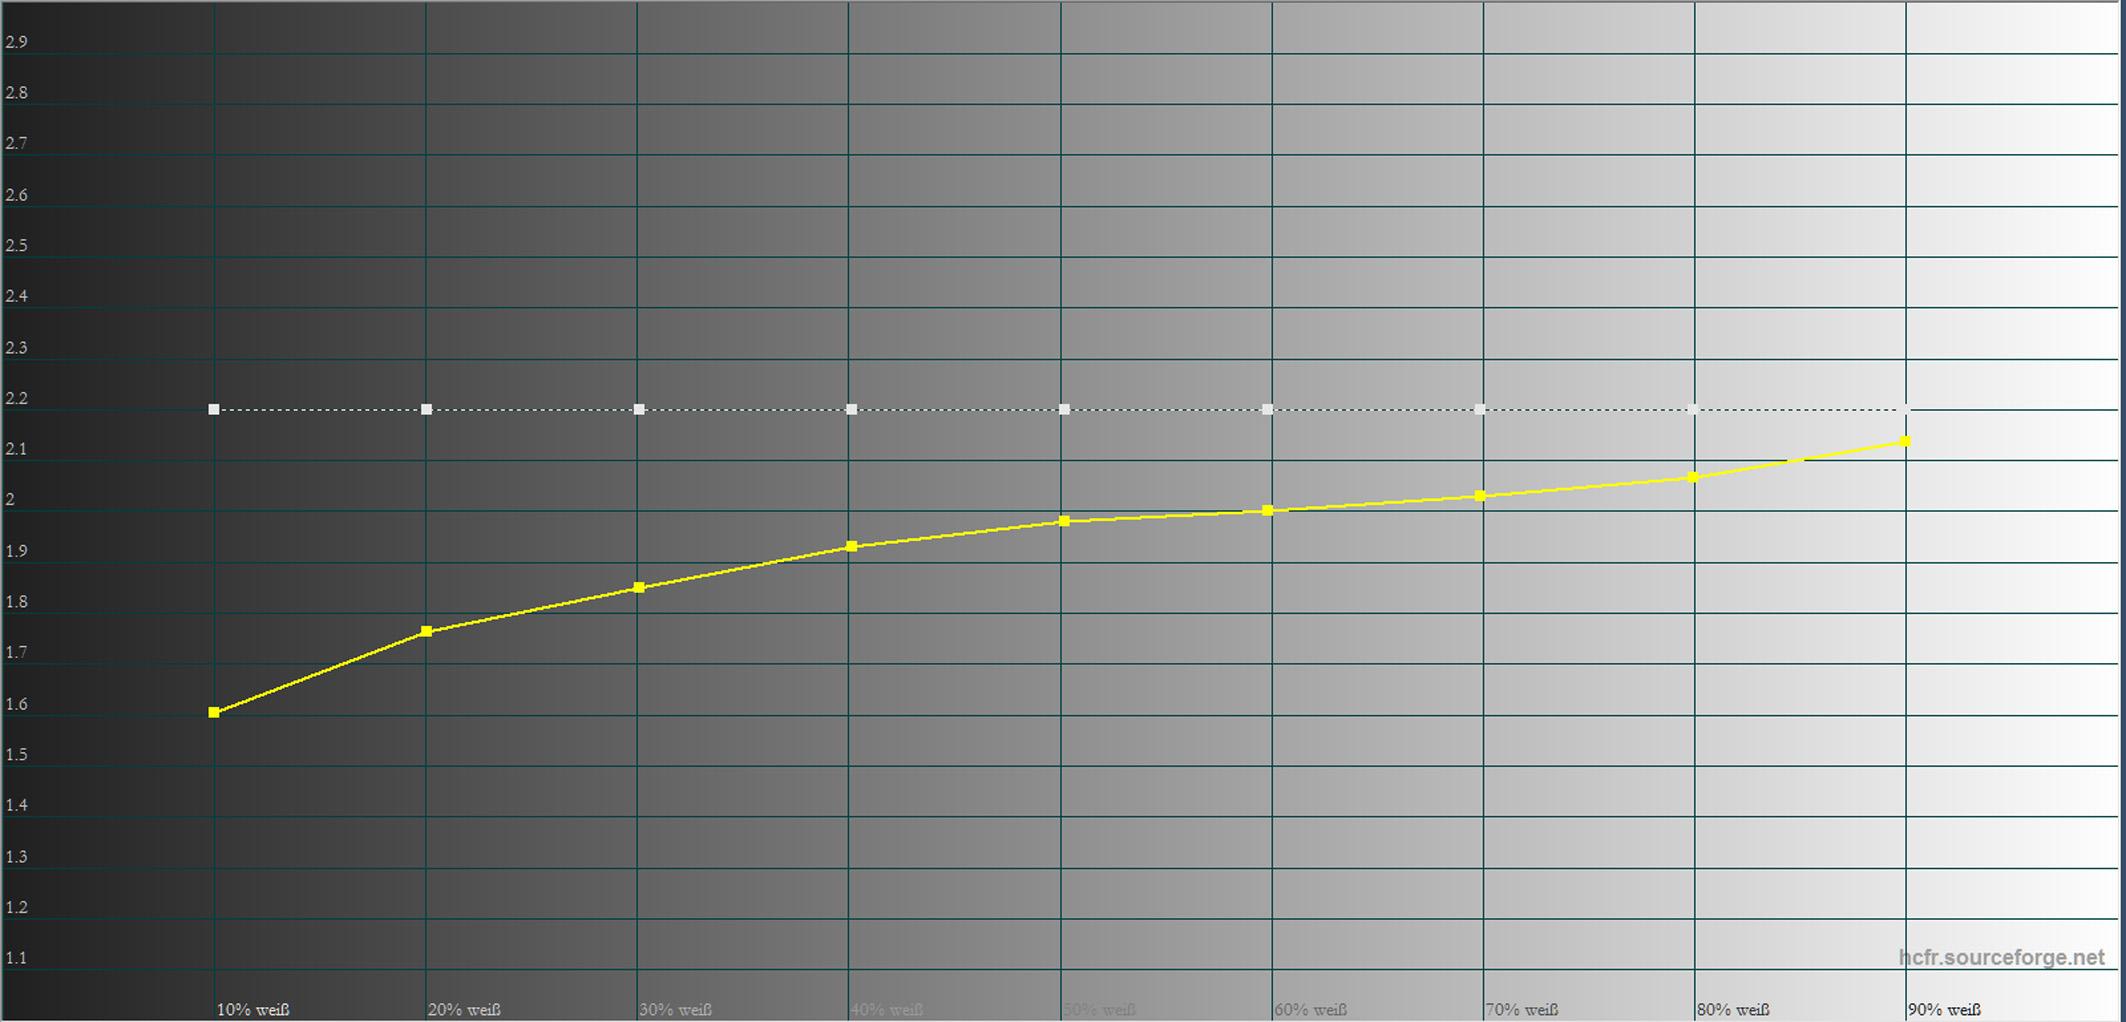 Gamma: Die gestrichelte weiße Linie stellt den Soll-Verlauf dar. Die gelbe Linie zeigt, wie der Helligkeitsanstieg tatsächlich verläuft. Auf den ersten Blick fällt auf, dass das Gamma viel zu niedrig verläuft und das Bild in dunklen Bereichen sichtbar aufhellt wird. Mehr dazu weiter unten.